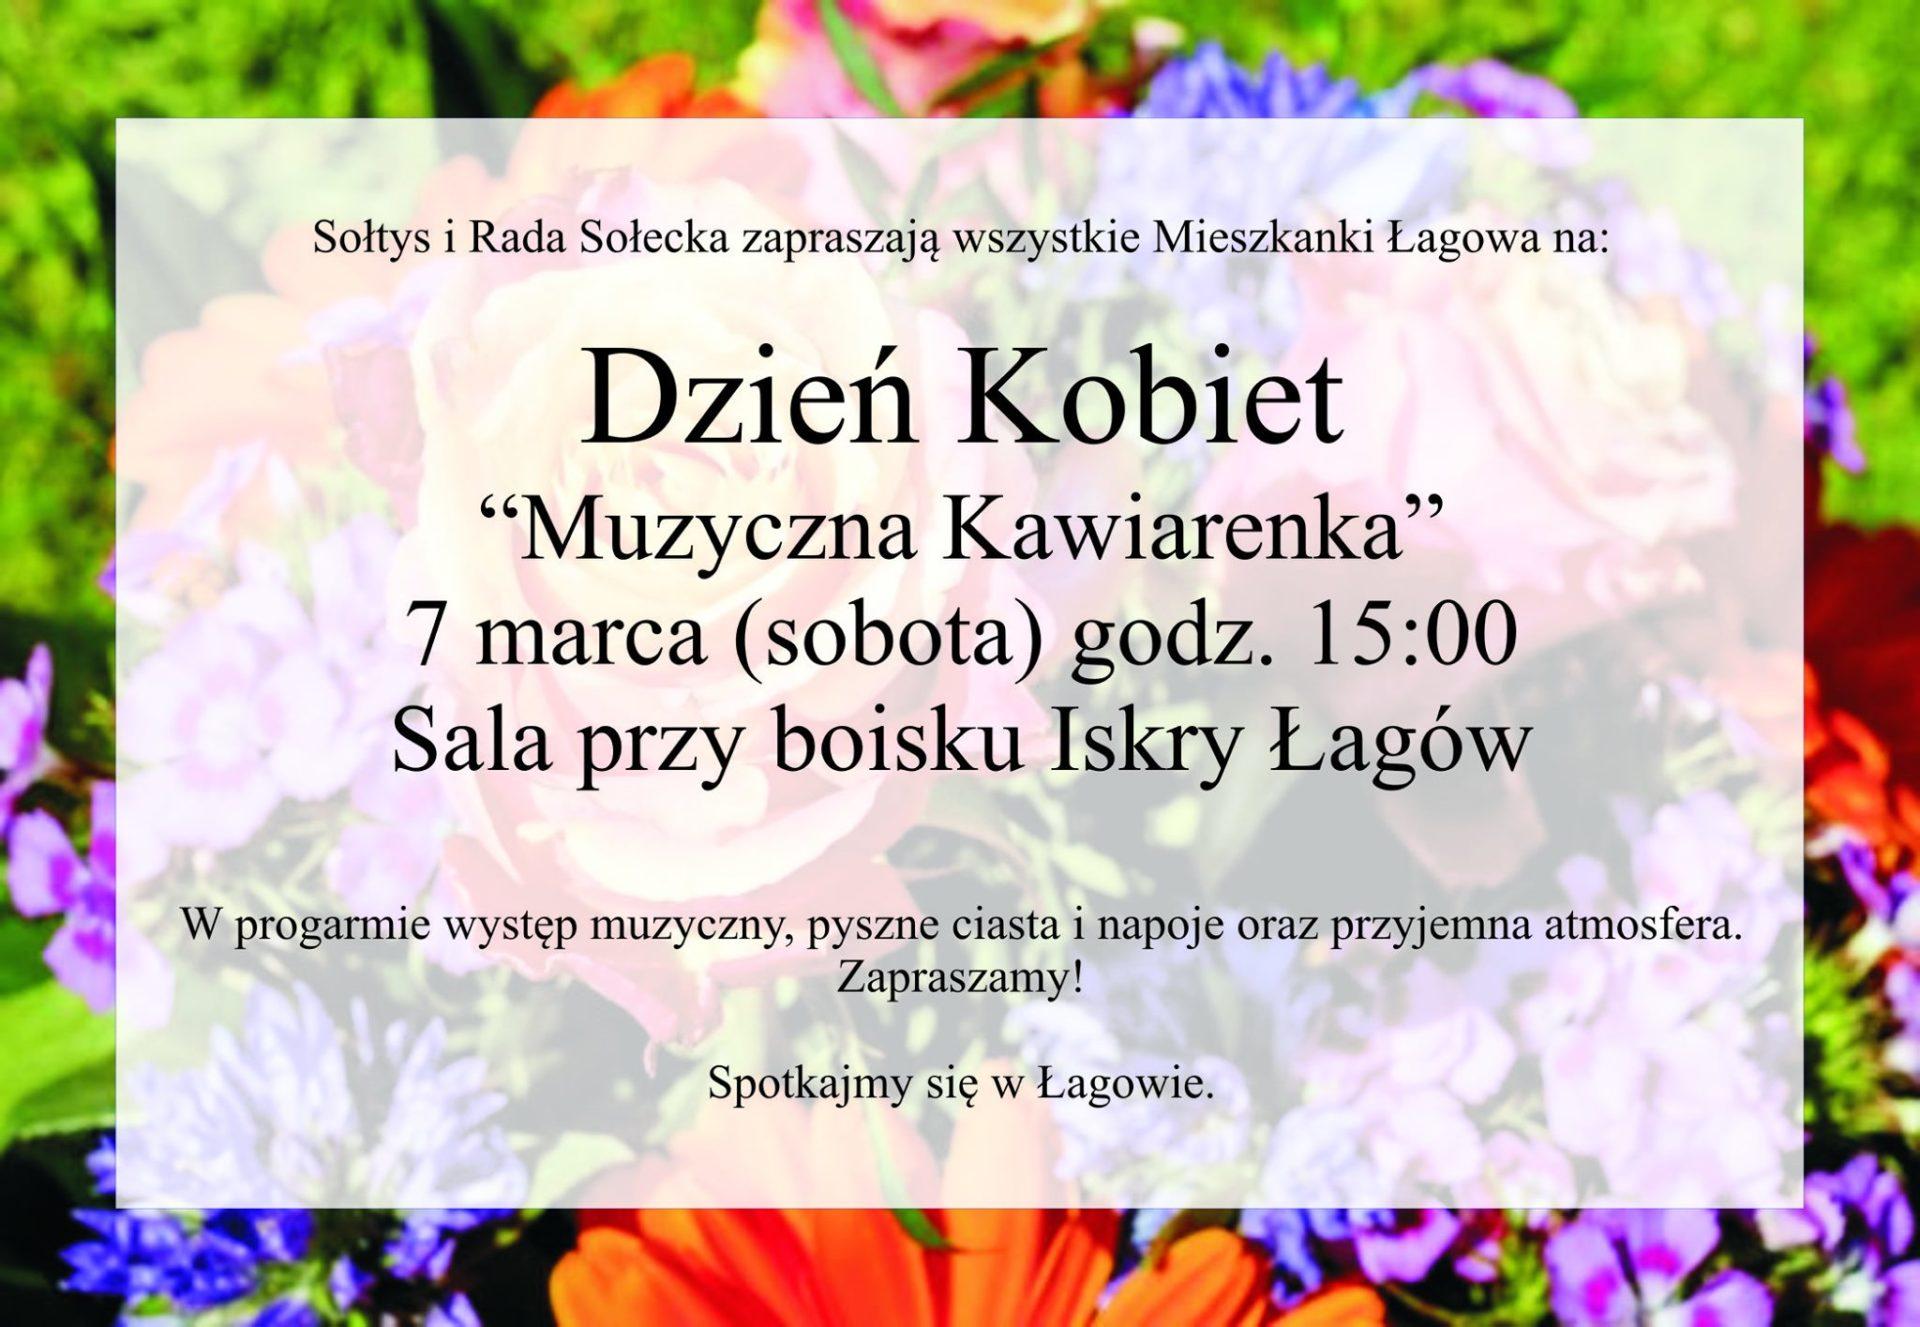 Dzień Kobiet w Łagowie